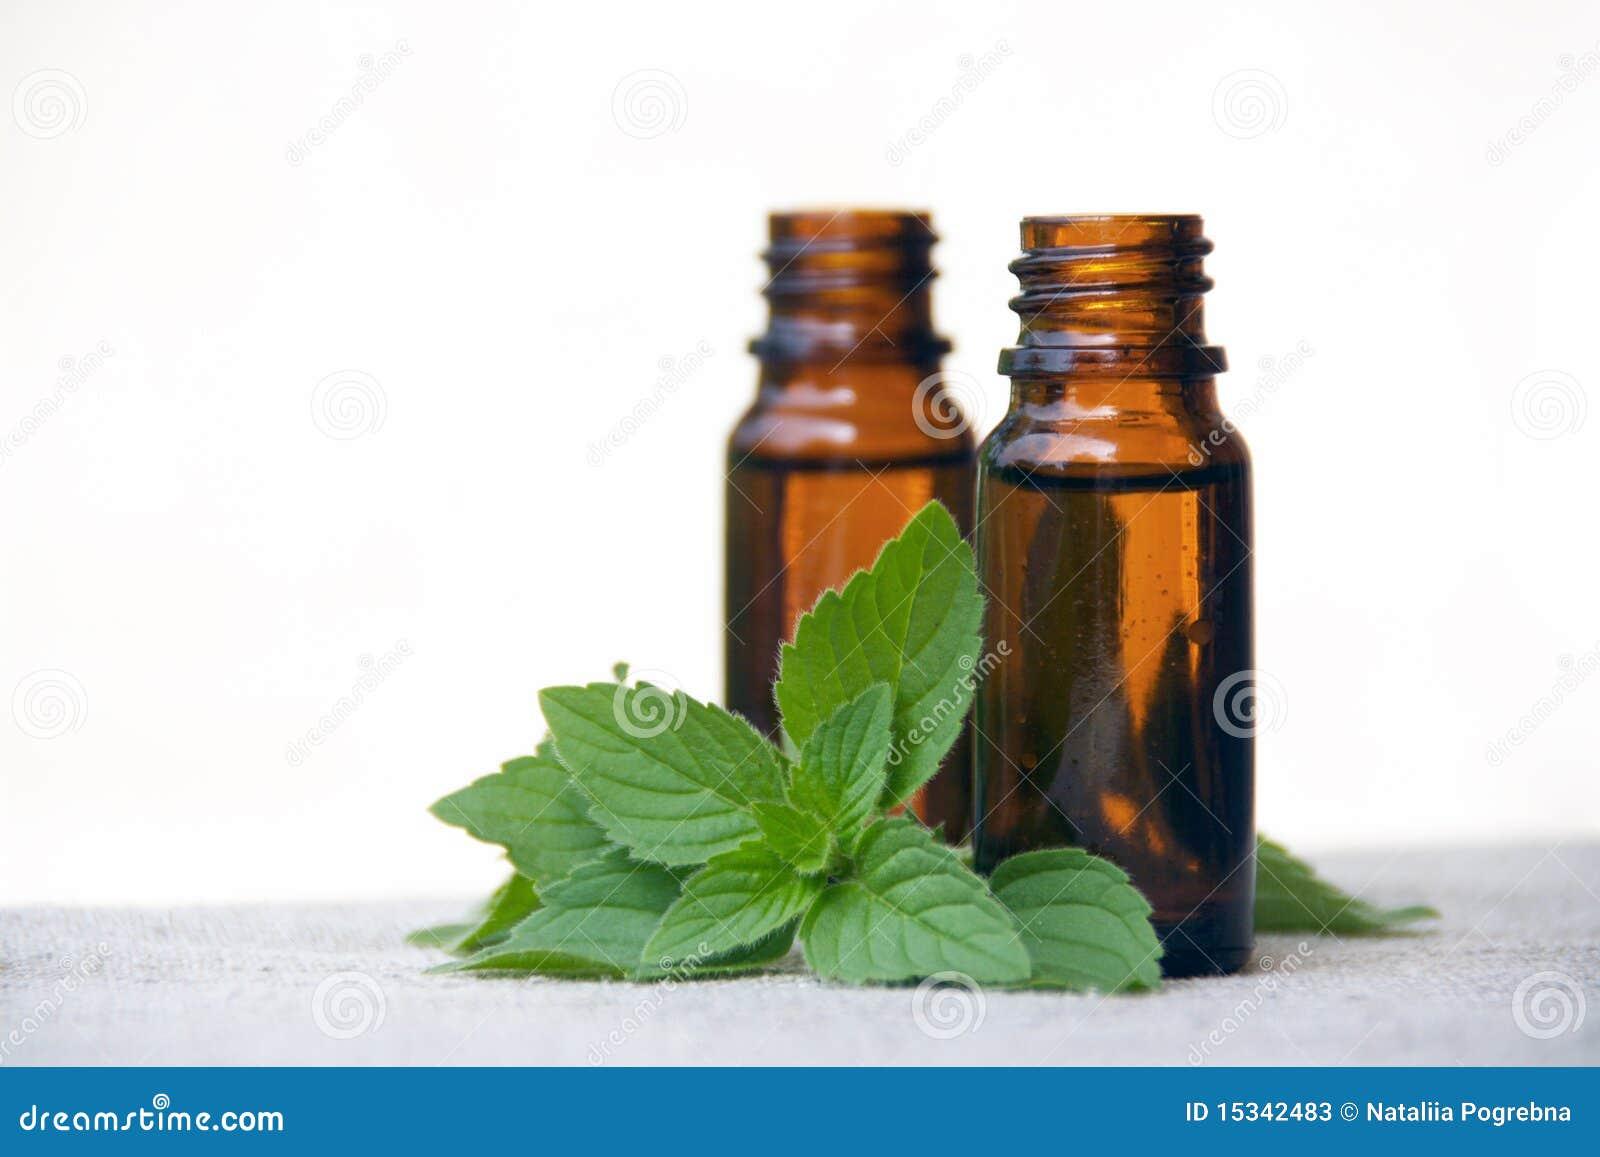 ароматность разливает масло по бутылкам мяты